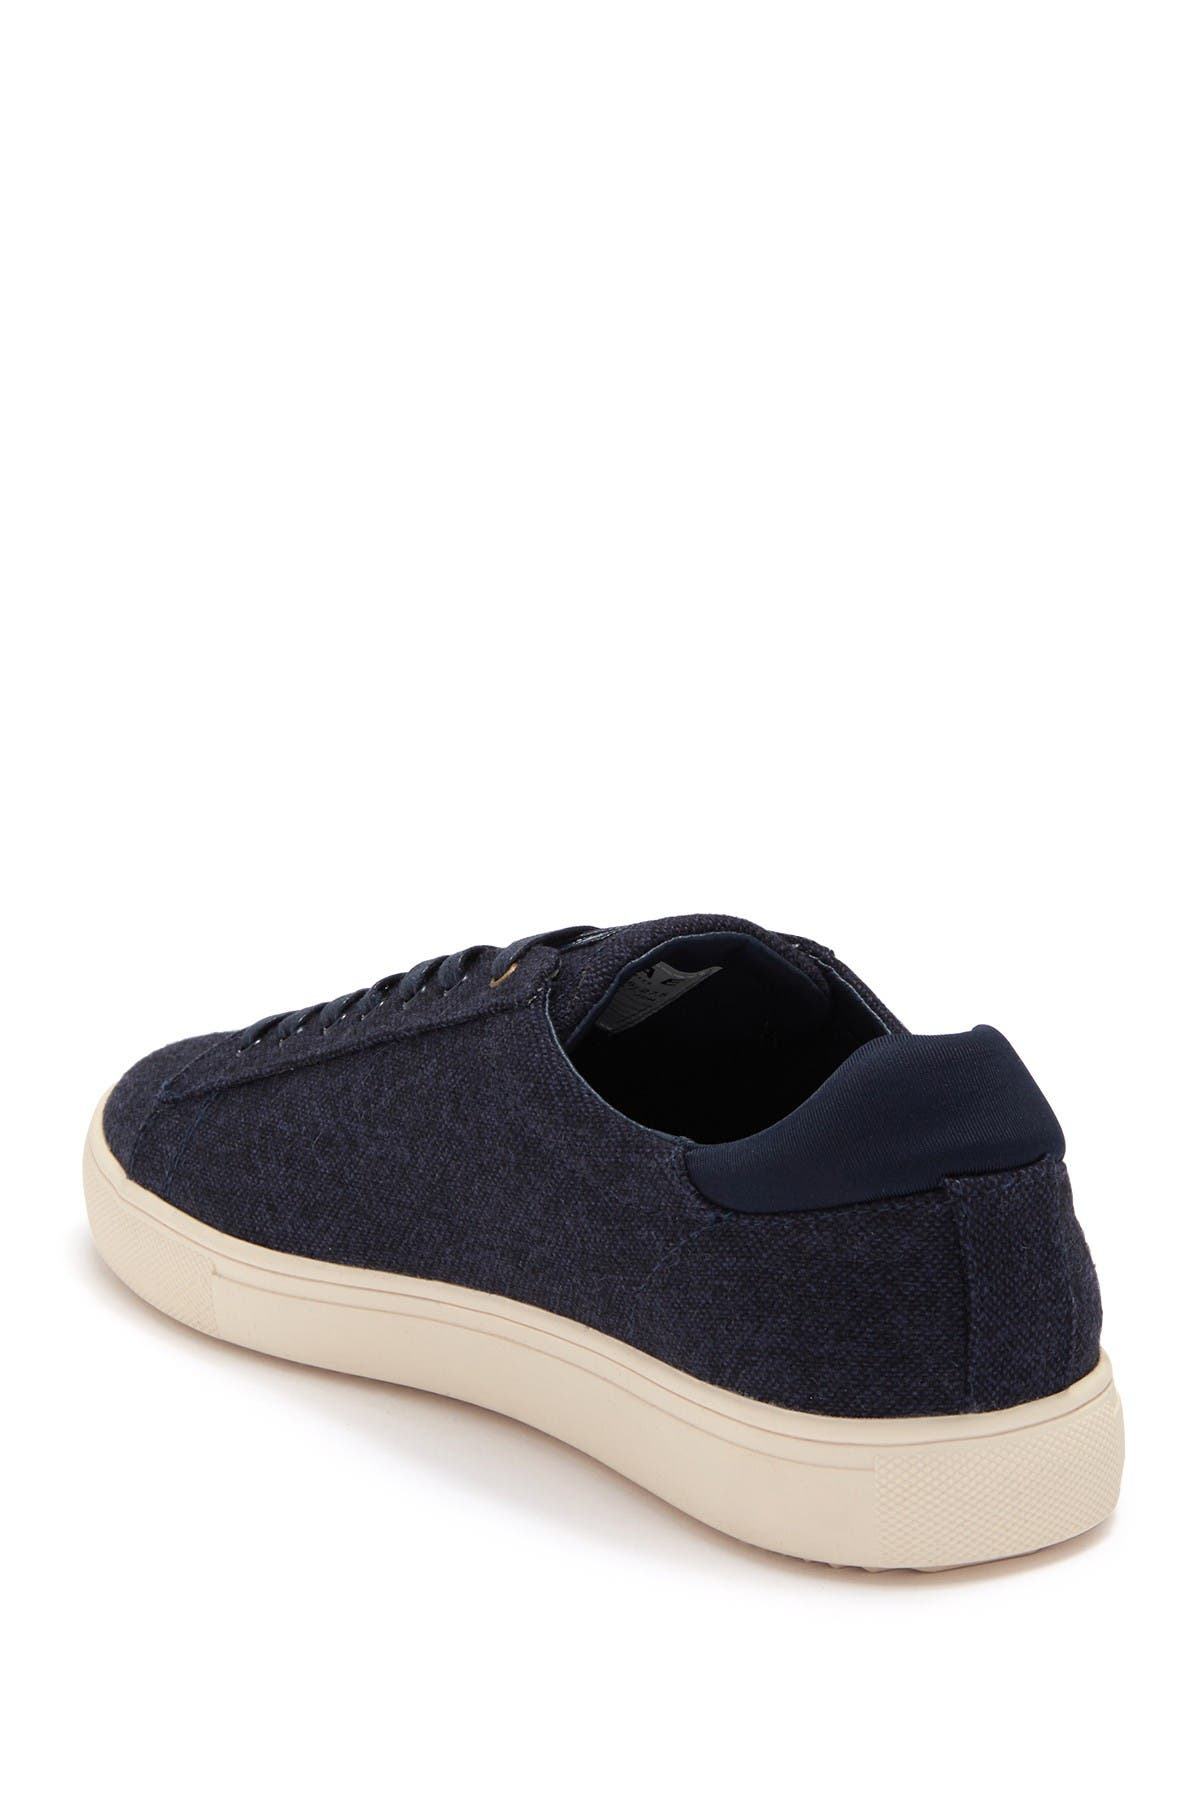 Image of Clae Bradley Sneaker